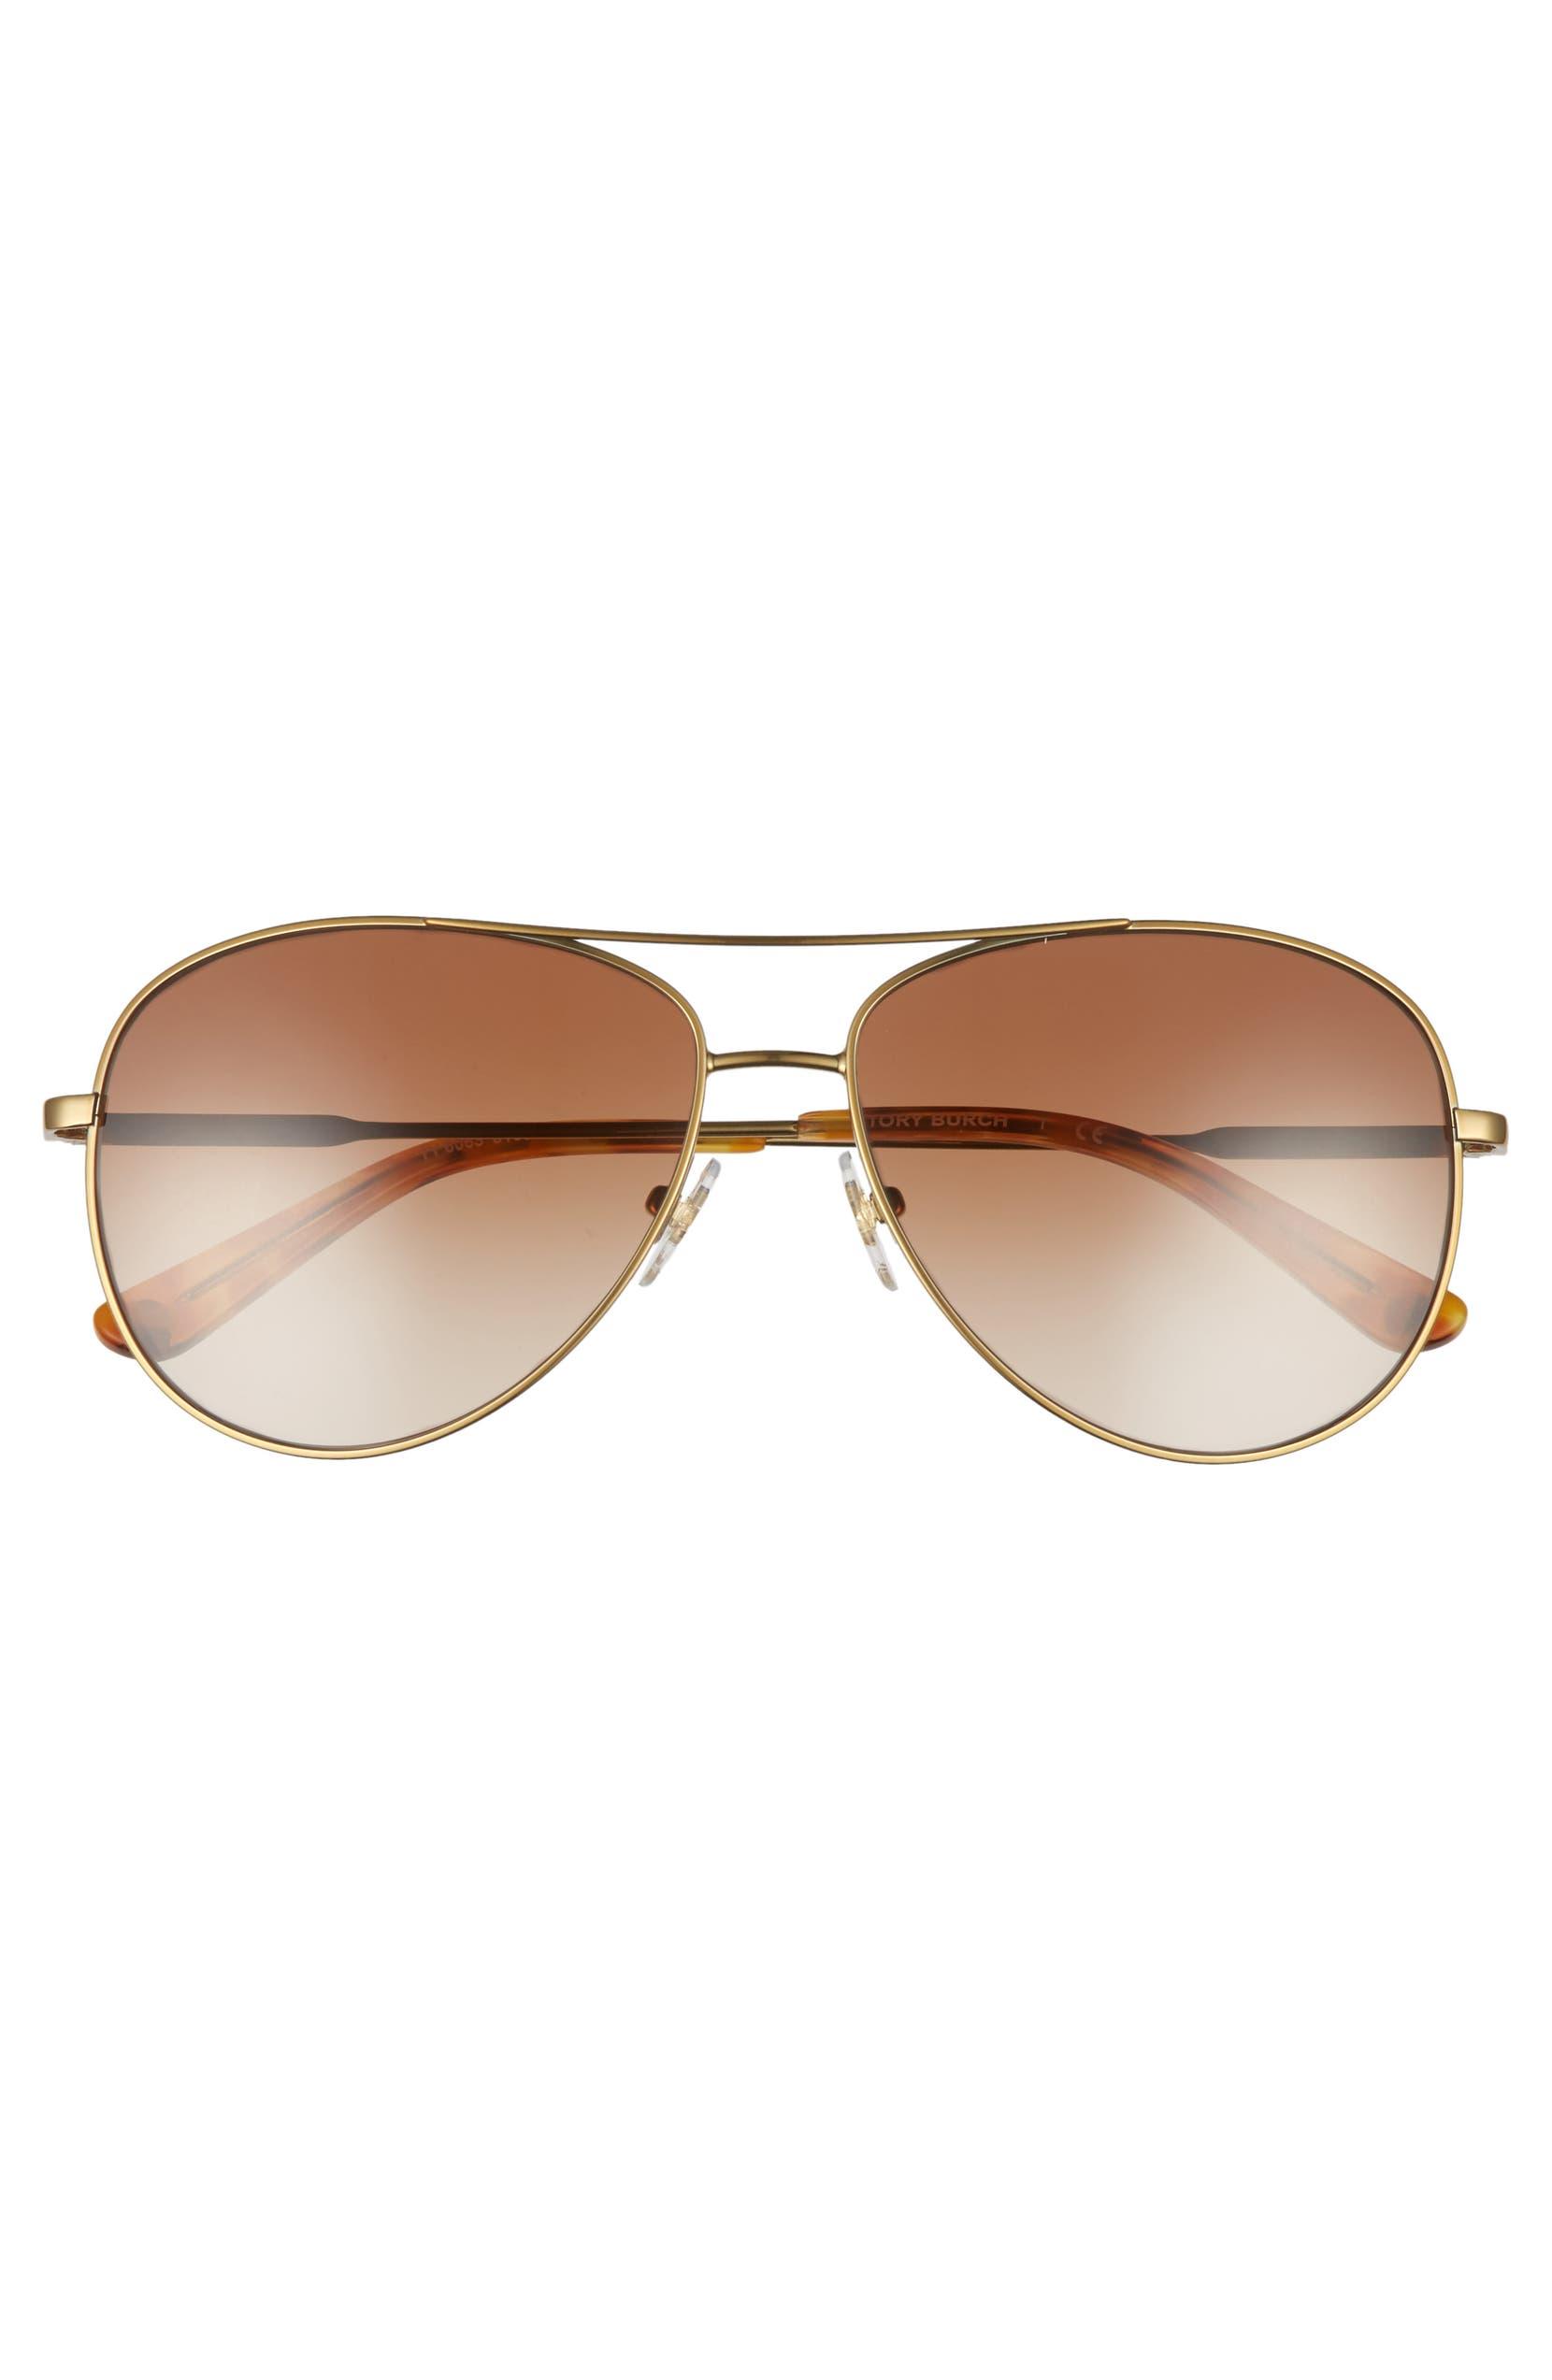 da295426d0 Tory Burch 59mm Metal Aviator Sunglasses